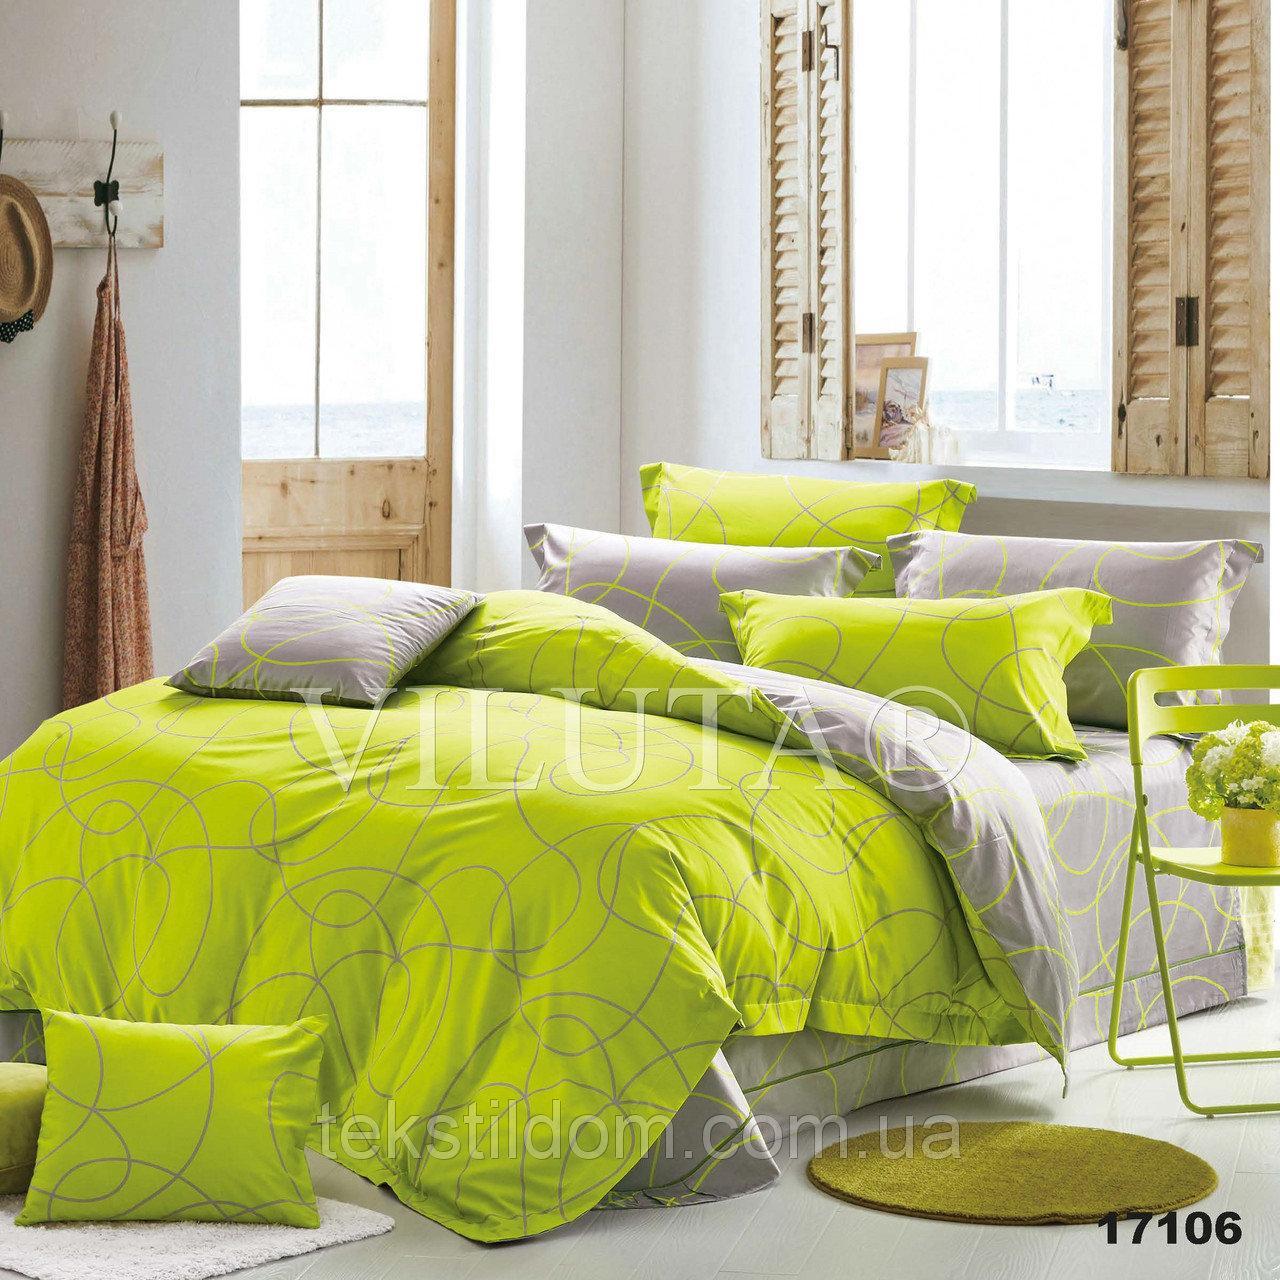 17106 Двуспальное постельное белье ранфорс Viluta